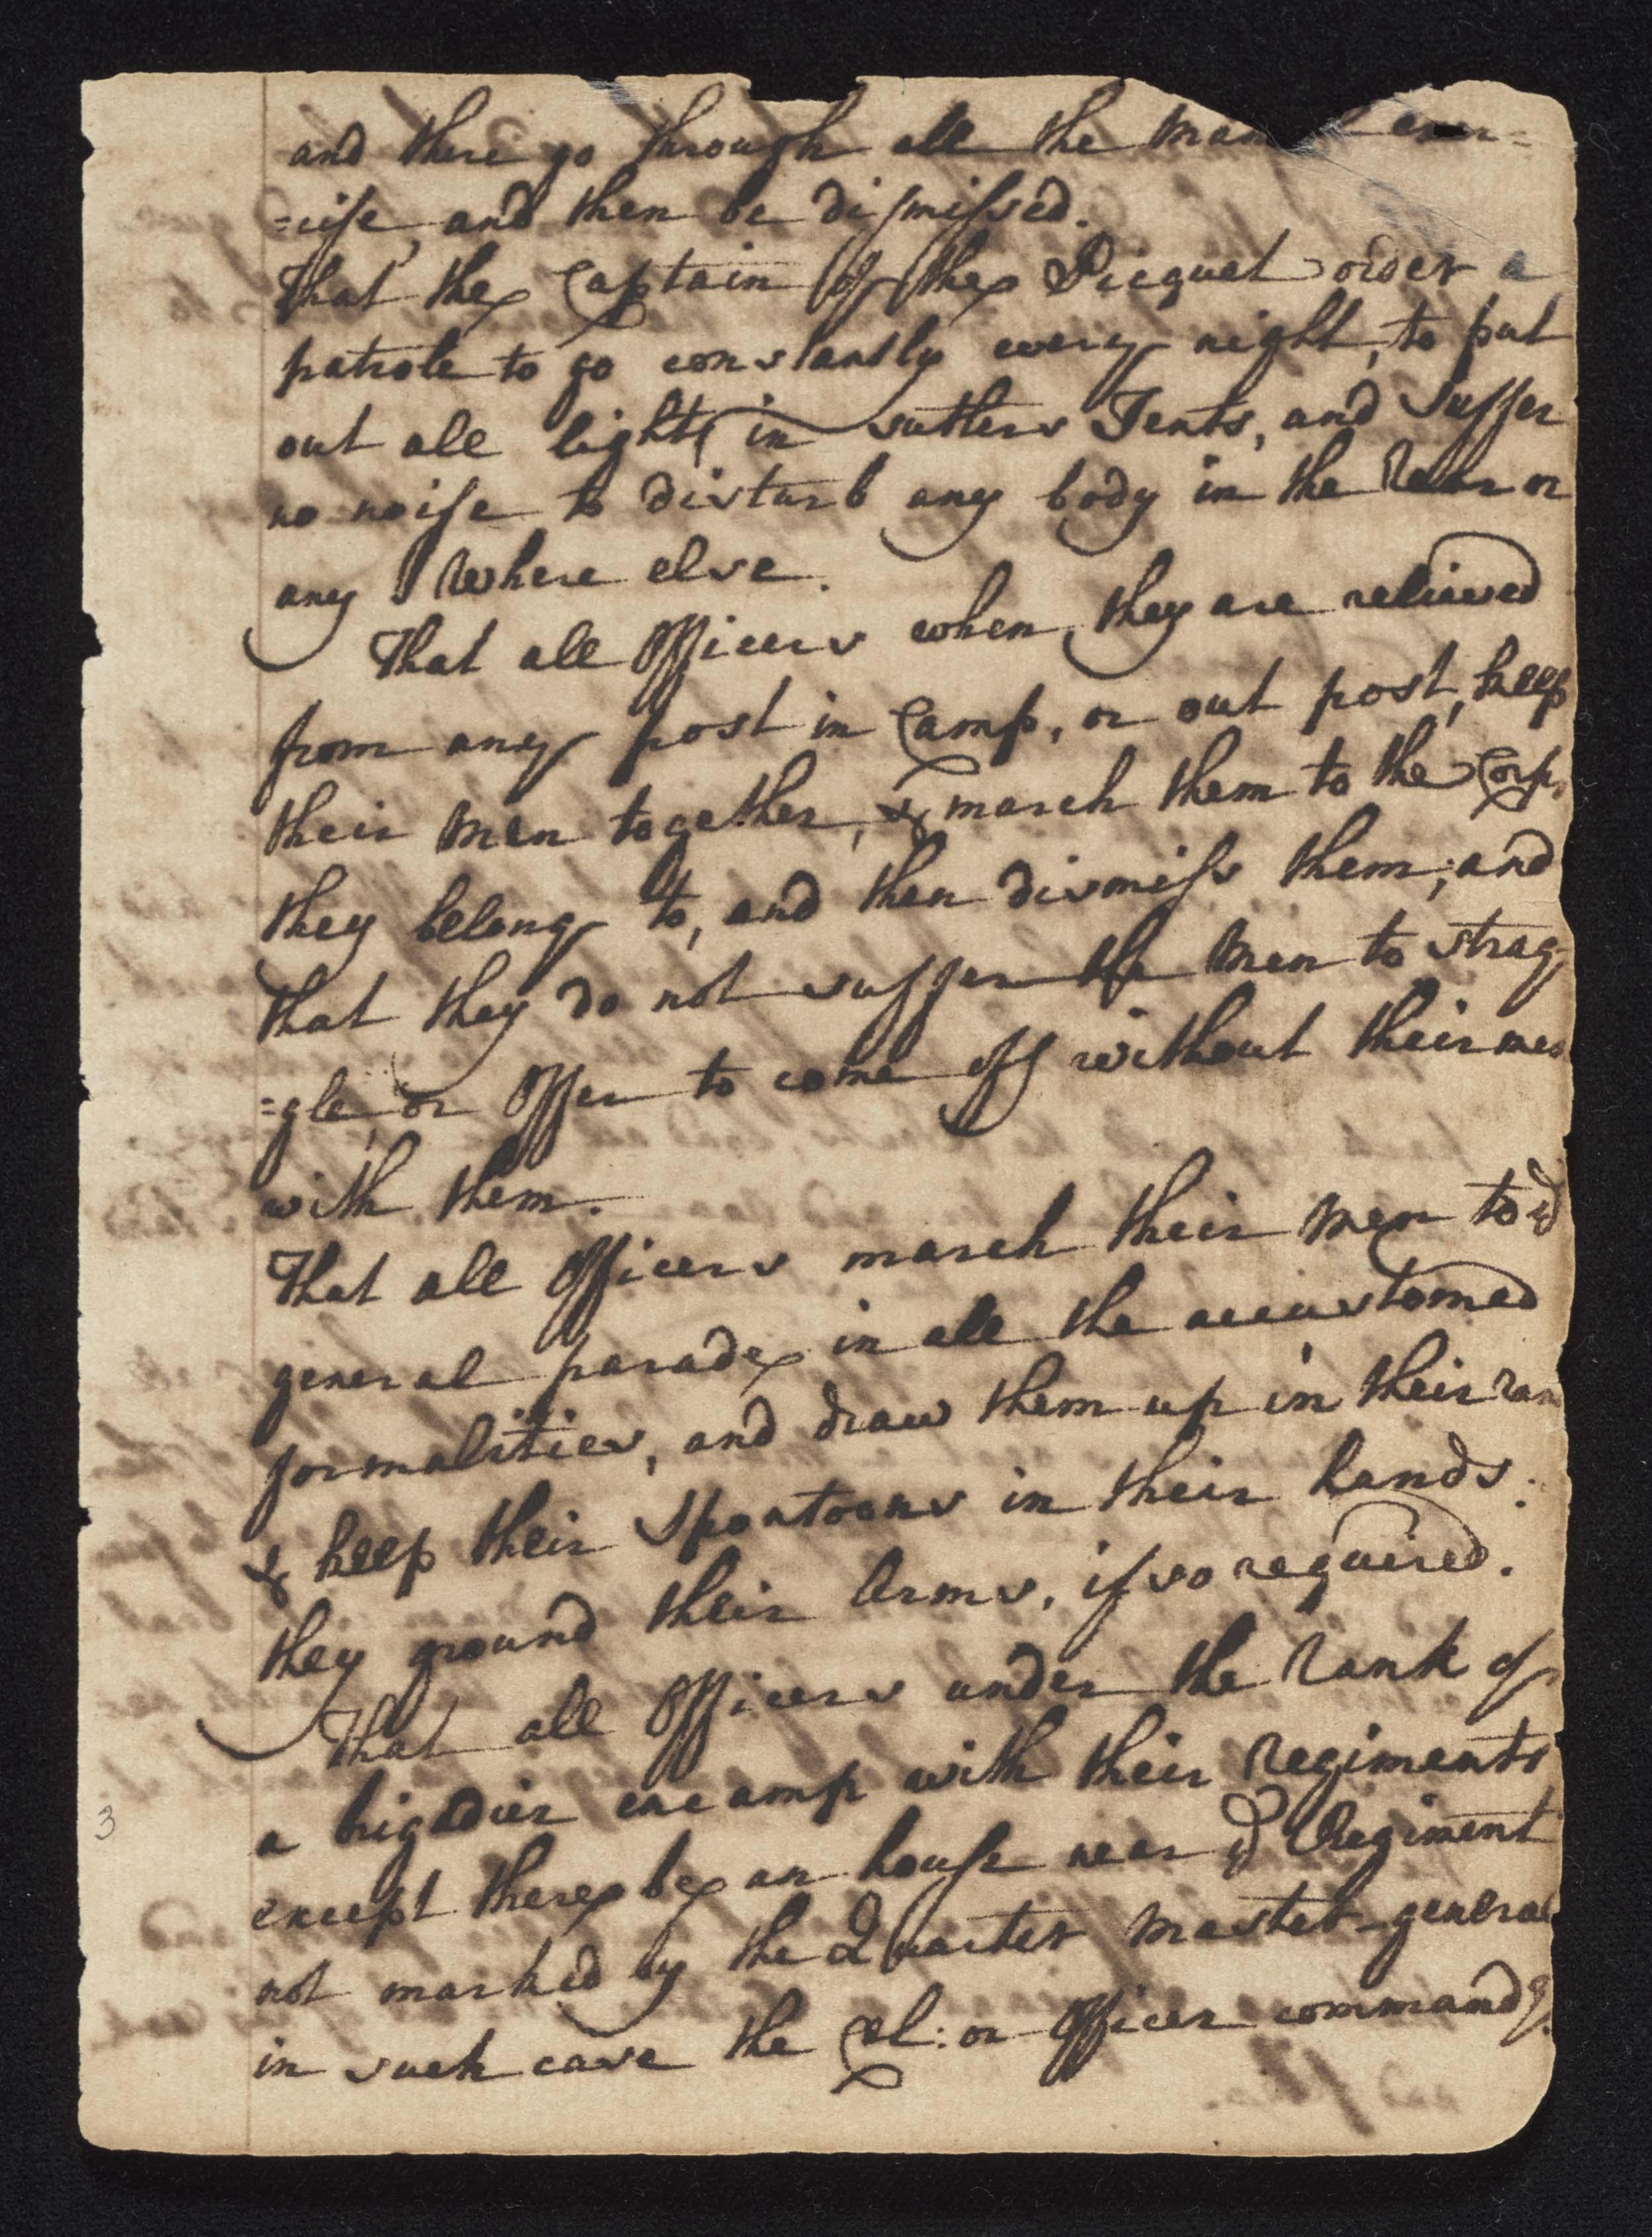 South Carolina Regiment Order Book, Page 5